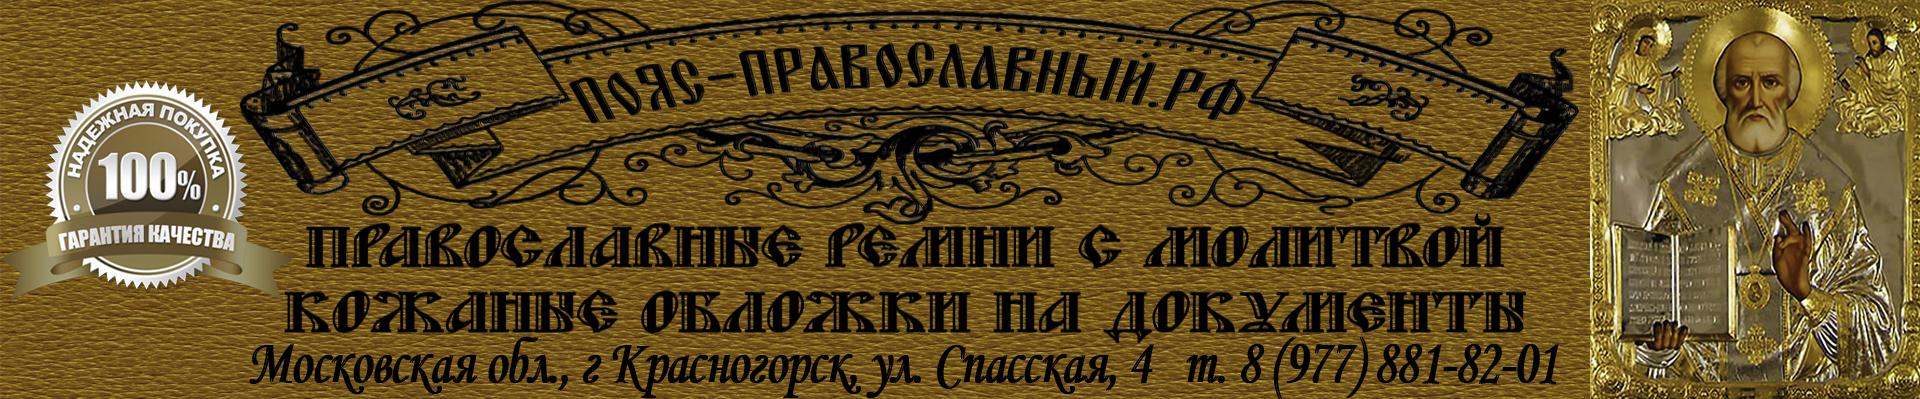 Ремни с молитвой Logo